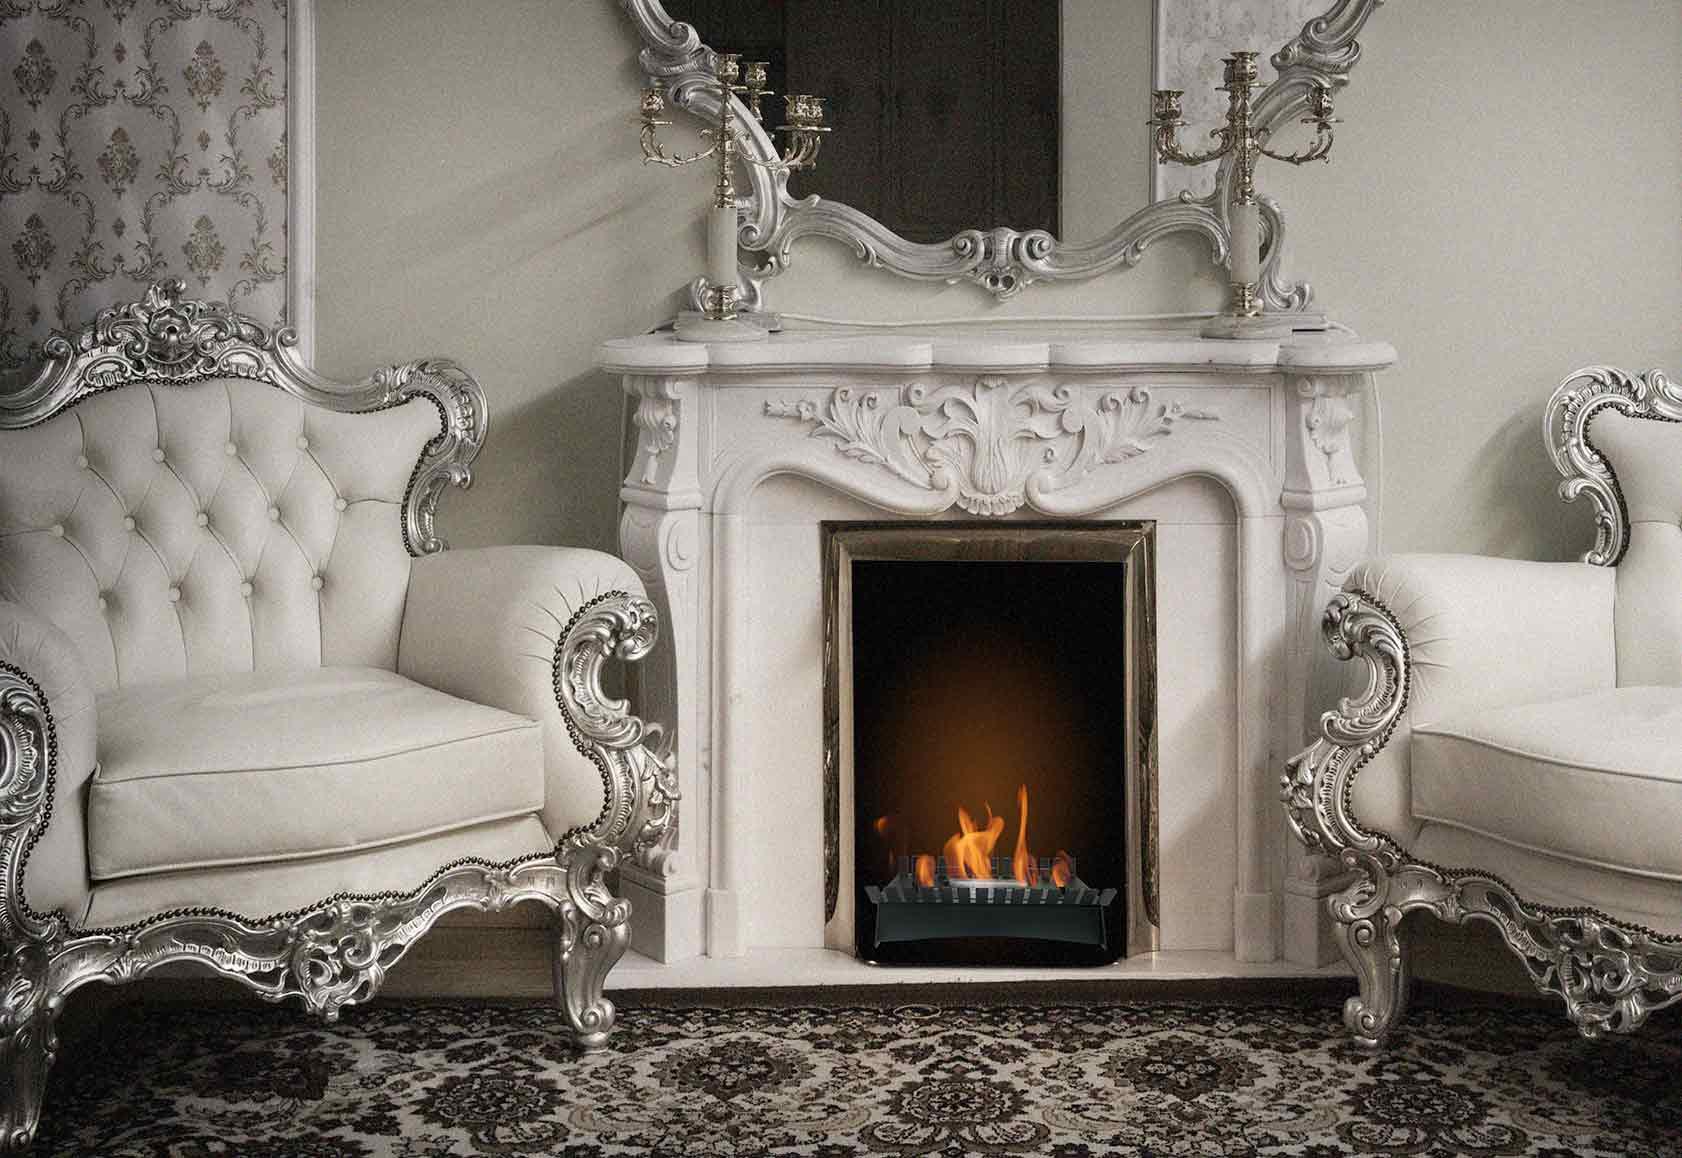 br leur thanol ignisial timber art du feu. Black Bedroom Furniture Sets. Home Design Ideas